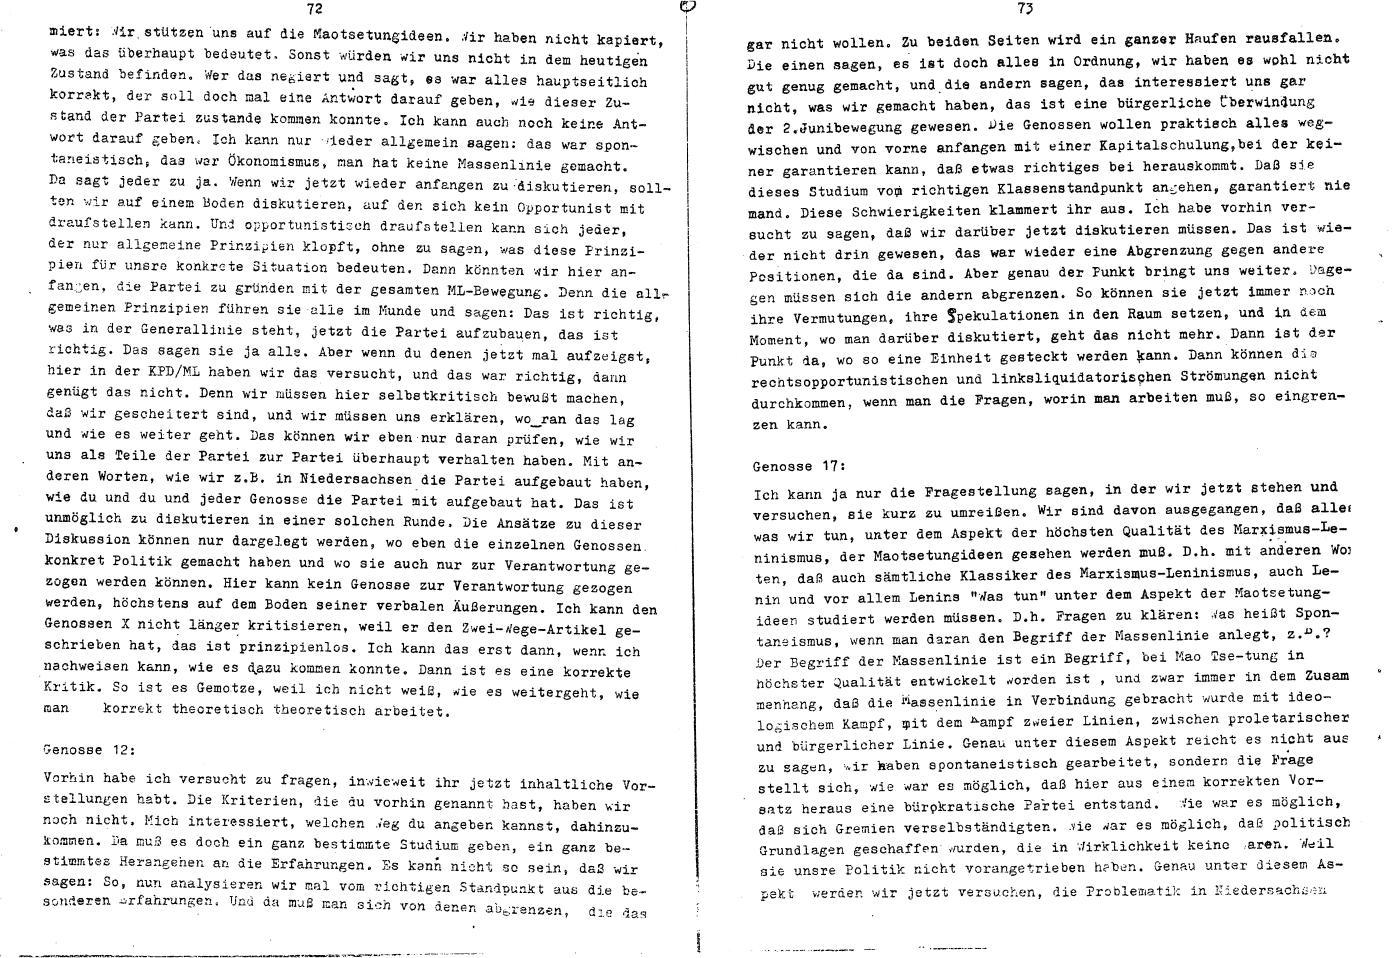 KPDML_1971_Wortprotokolle_aoPt_025